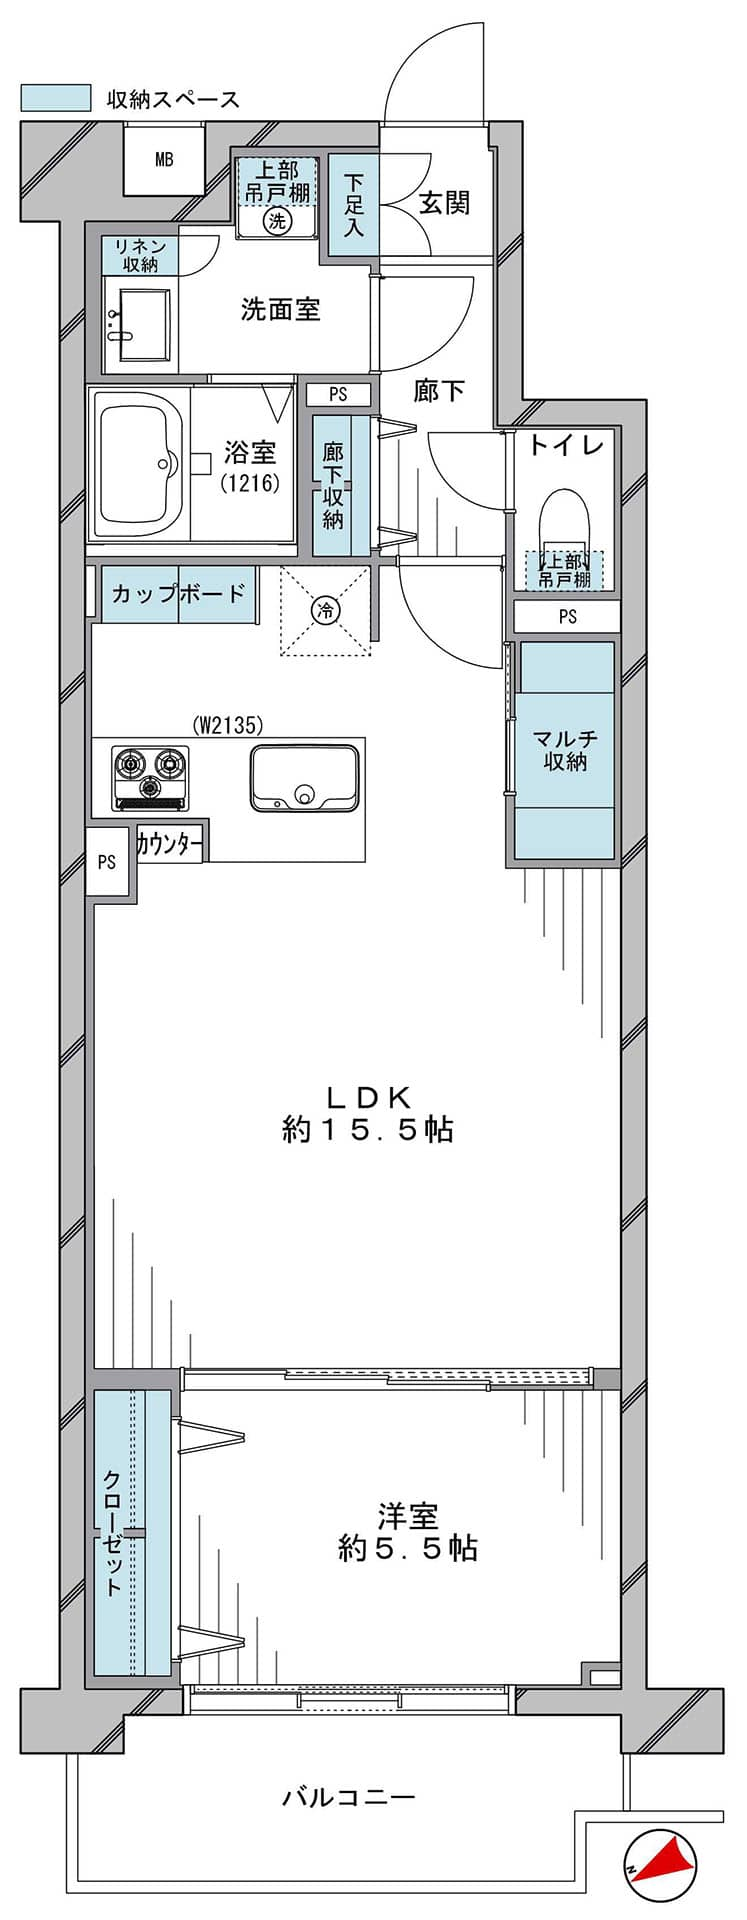 高田馬場 ペットと過ごす、ゆとりある1LDK 間取り図